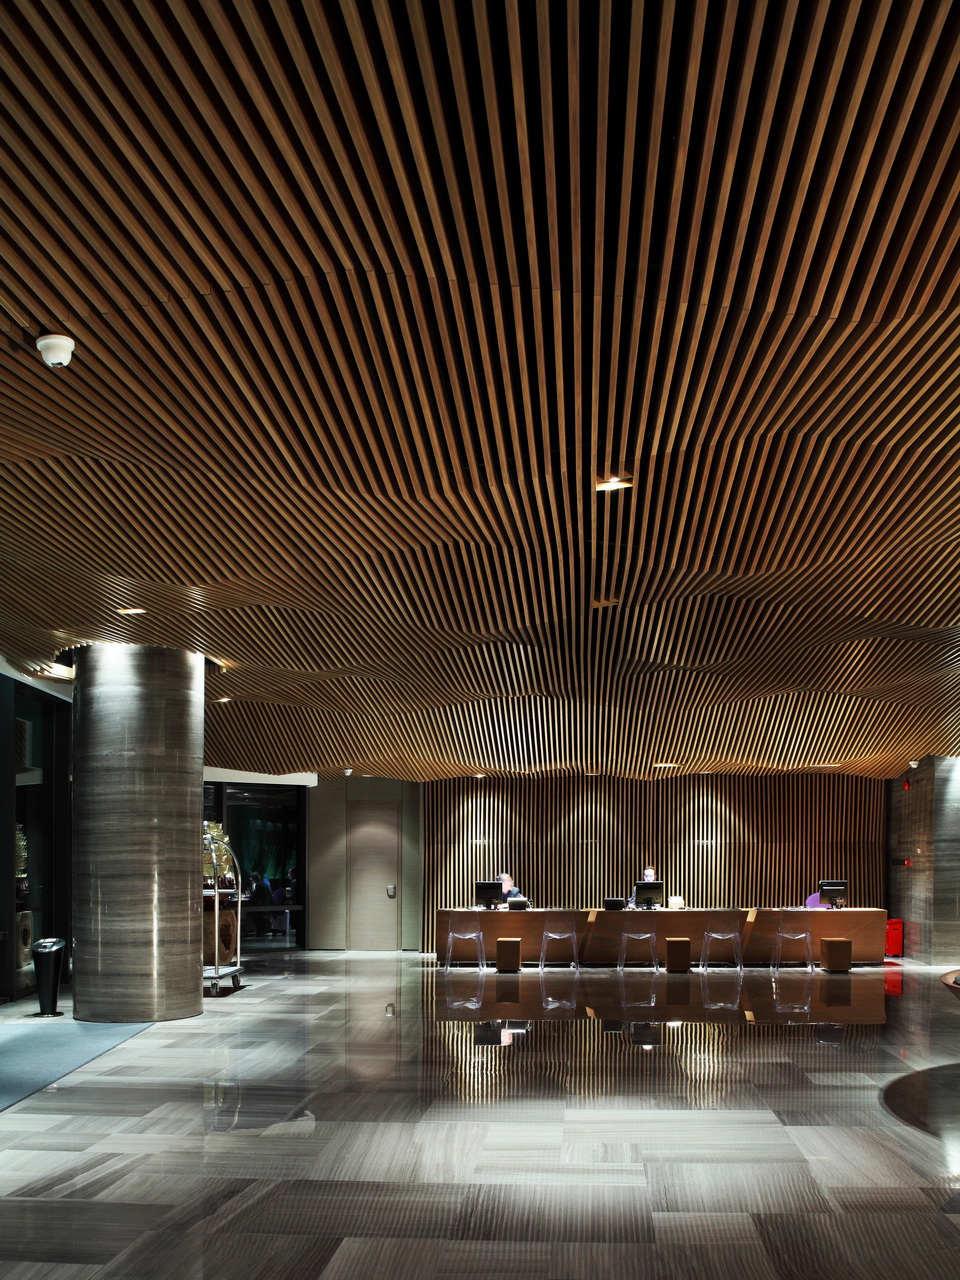 Galeria de maillen hotel apartment urbanus 26 for Appart hotel urban lodge chaudfontaine